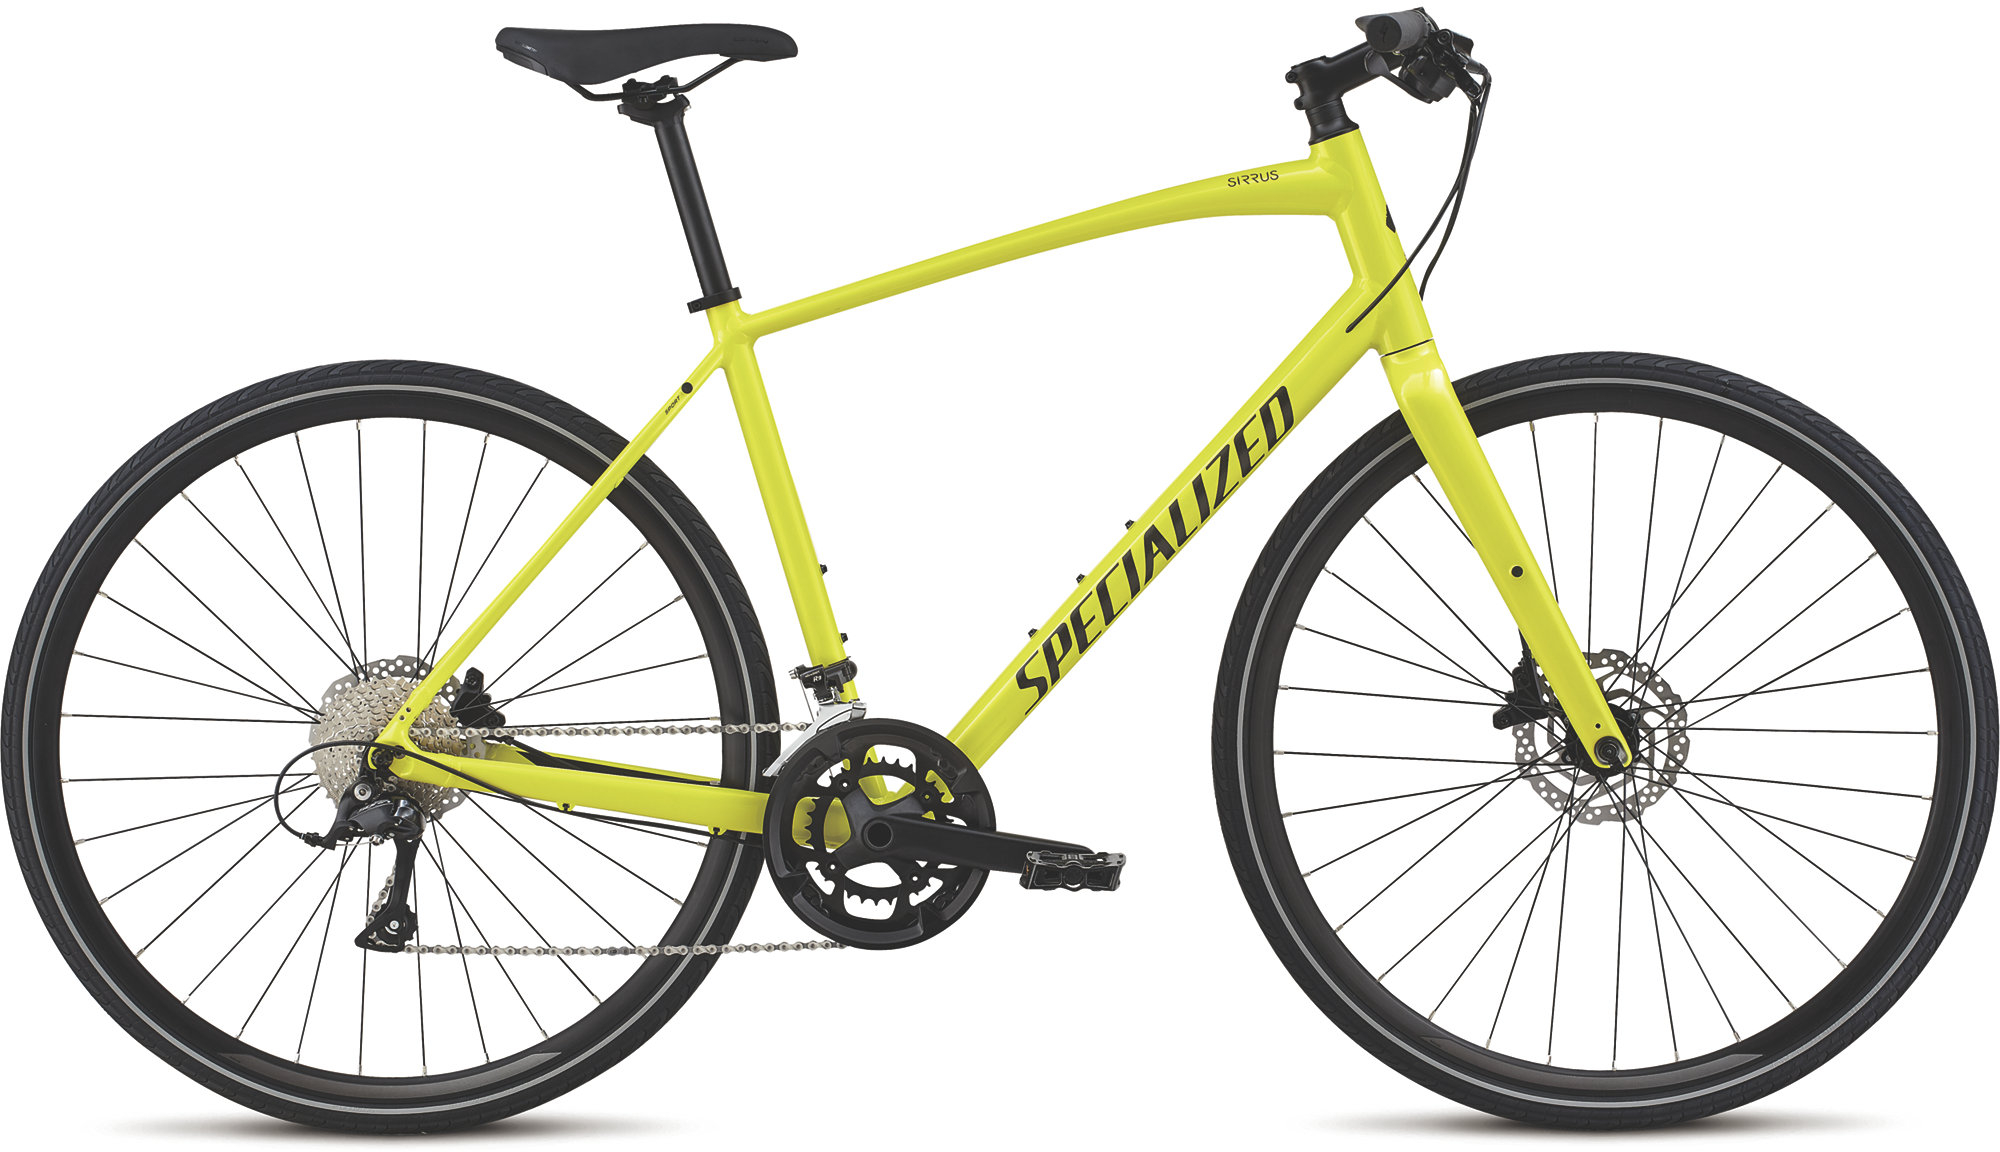 Specialized Sirrus Bike Reviews